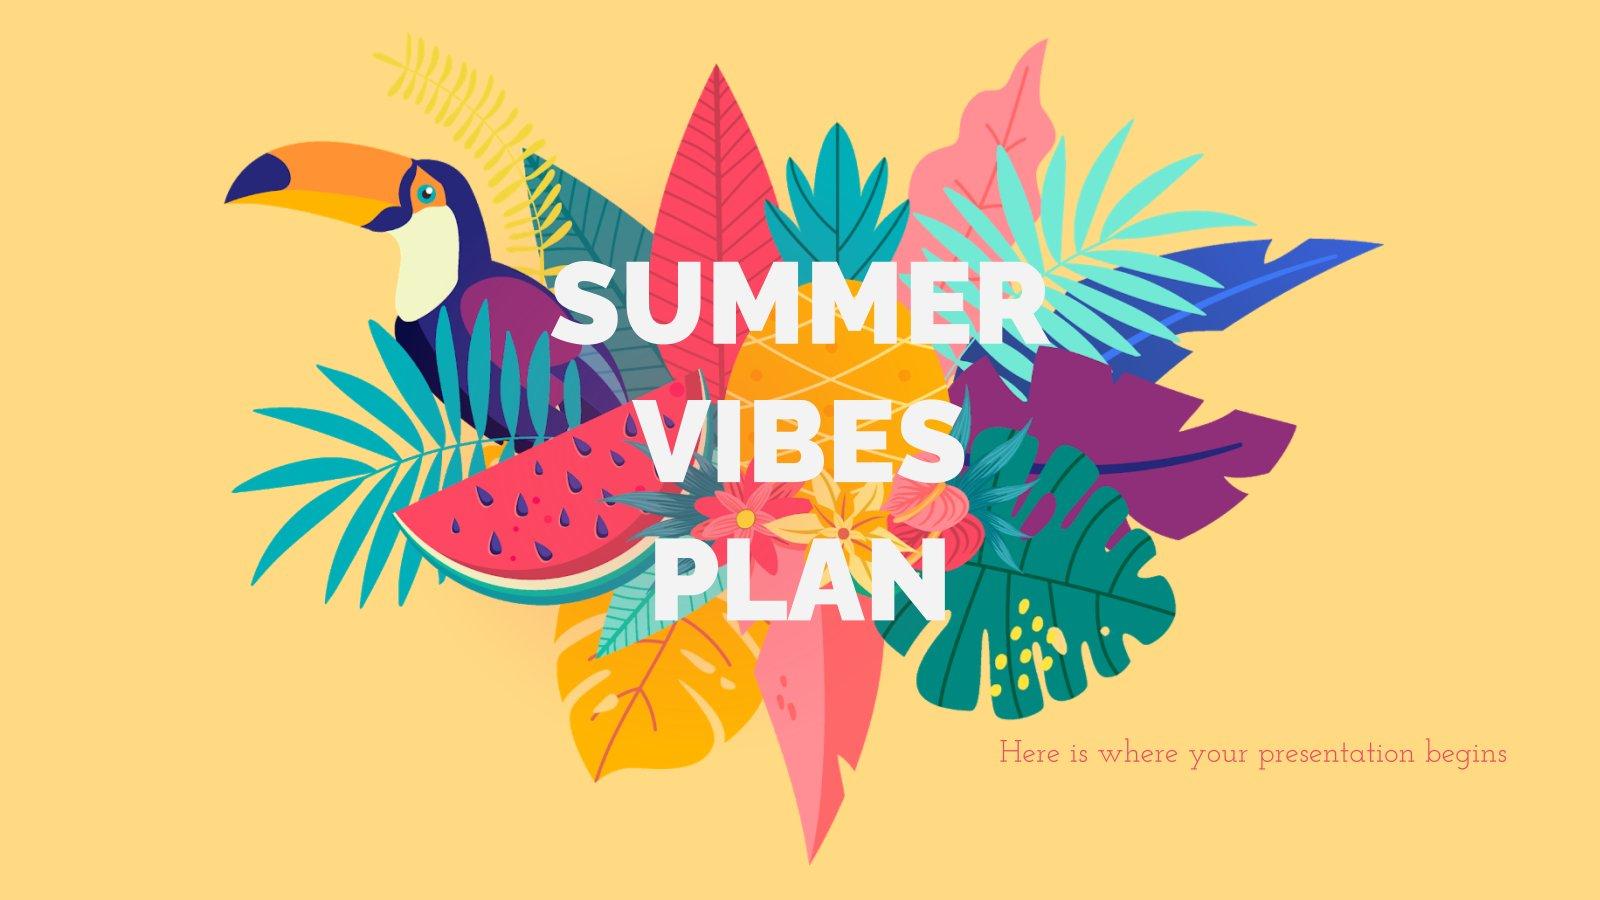 Modelo de apresentação Plano de marketing vibes de verão